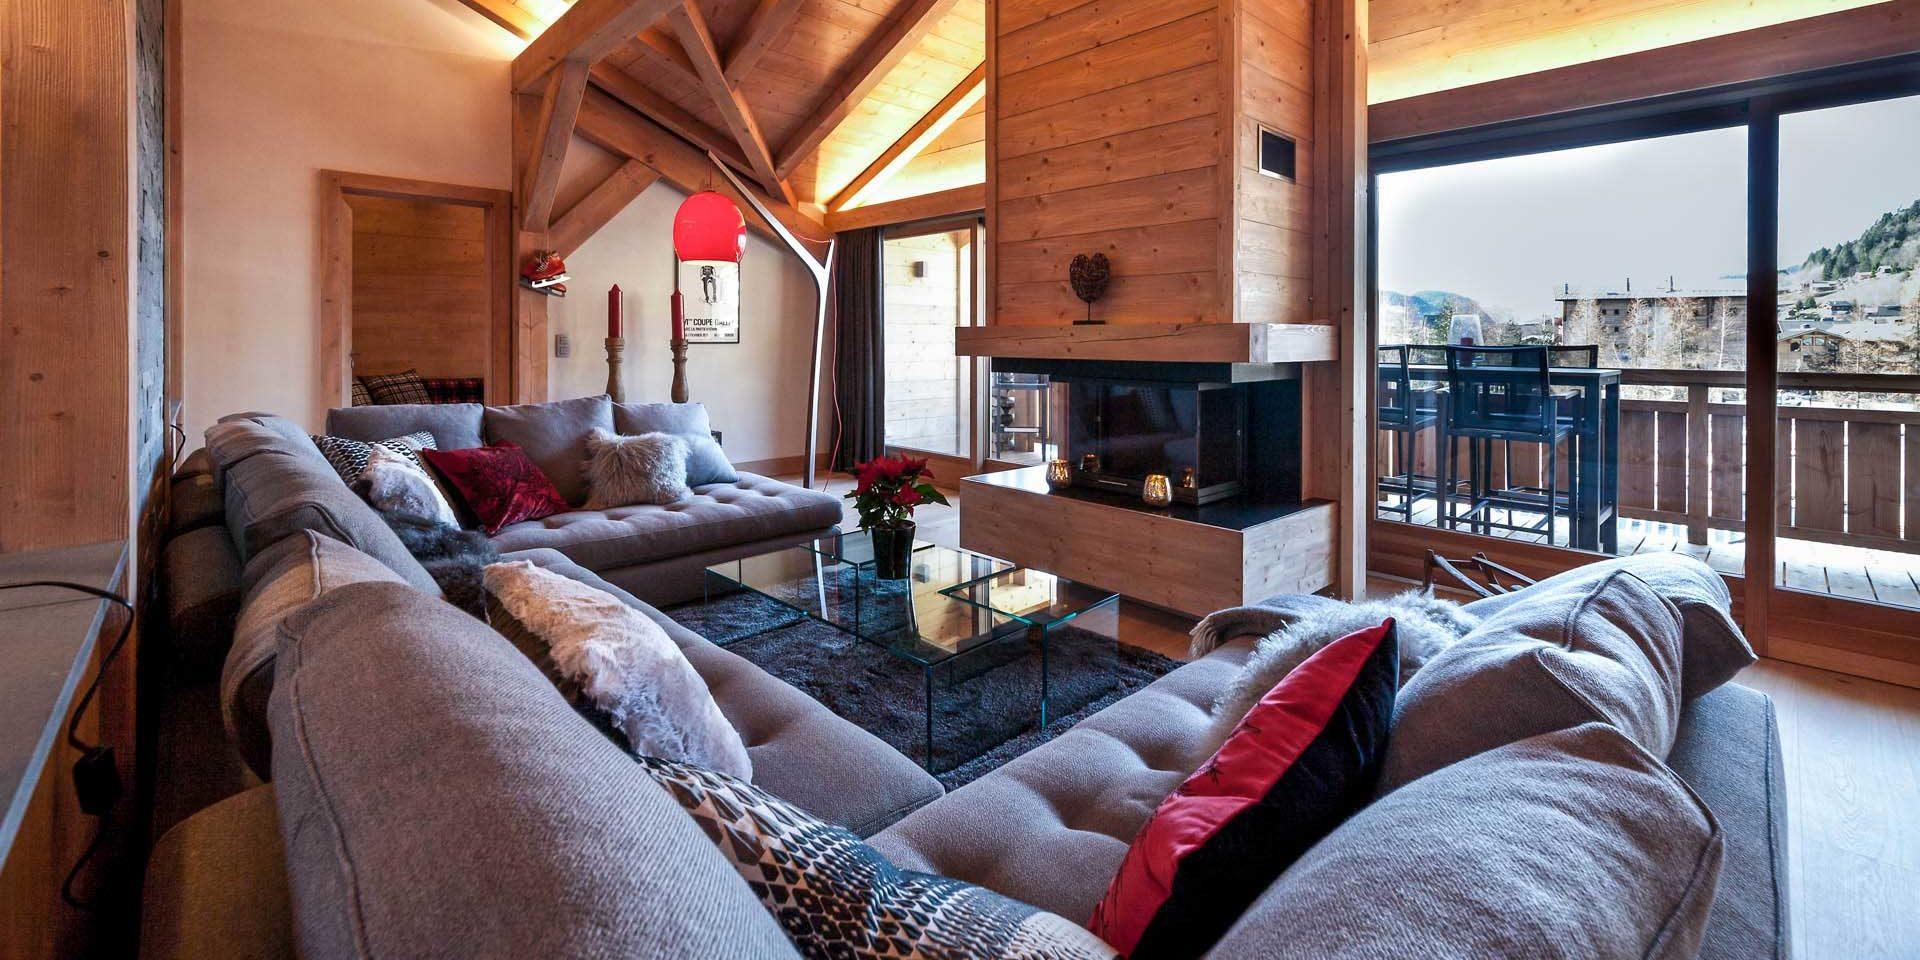 Penthouse Les Gets Les Portes du Soleil Frankrijk wintersport skivakantie luxe living loungebank open haard vloerkleed kaarsen balkon raam houten balken